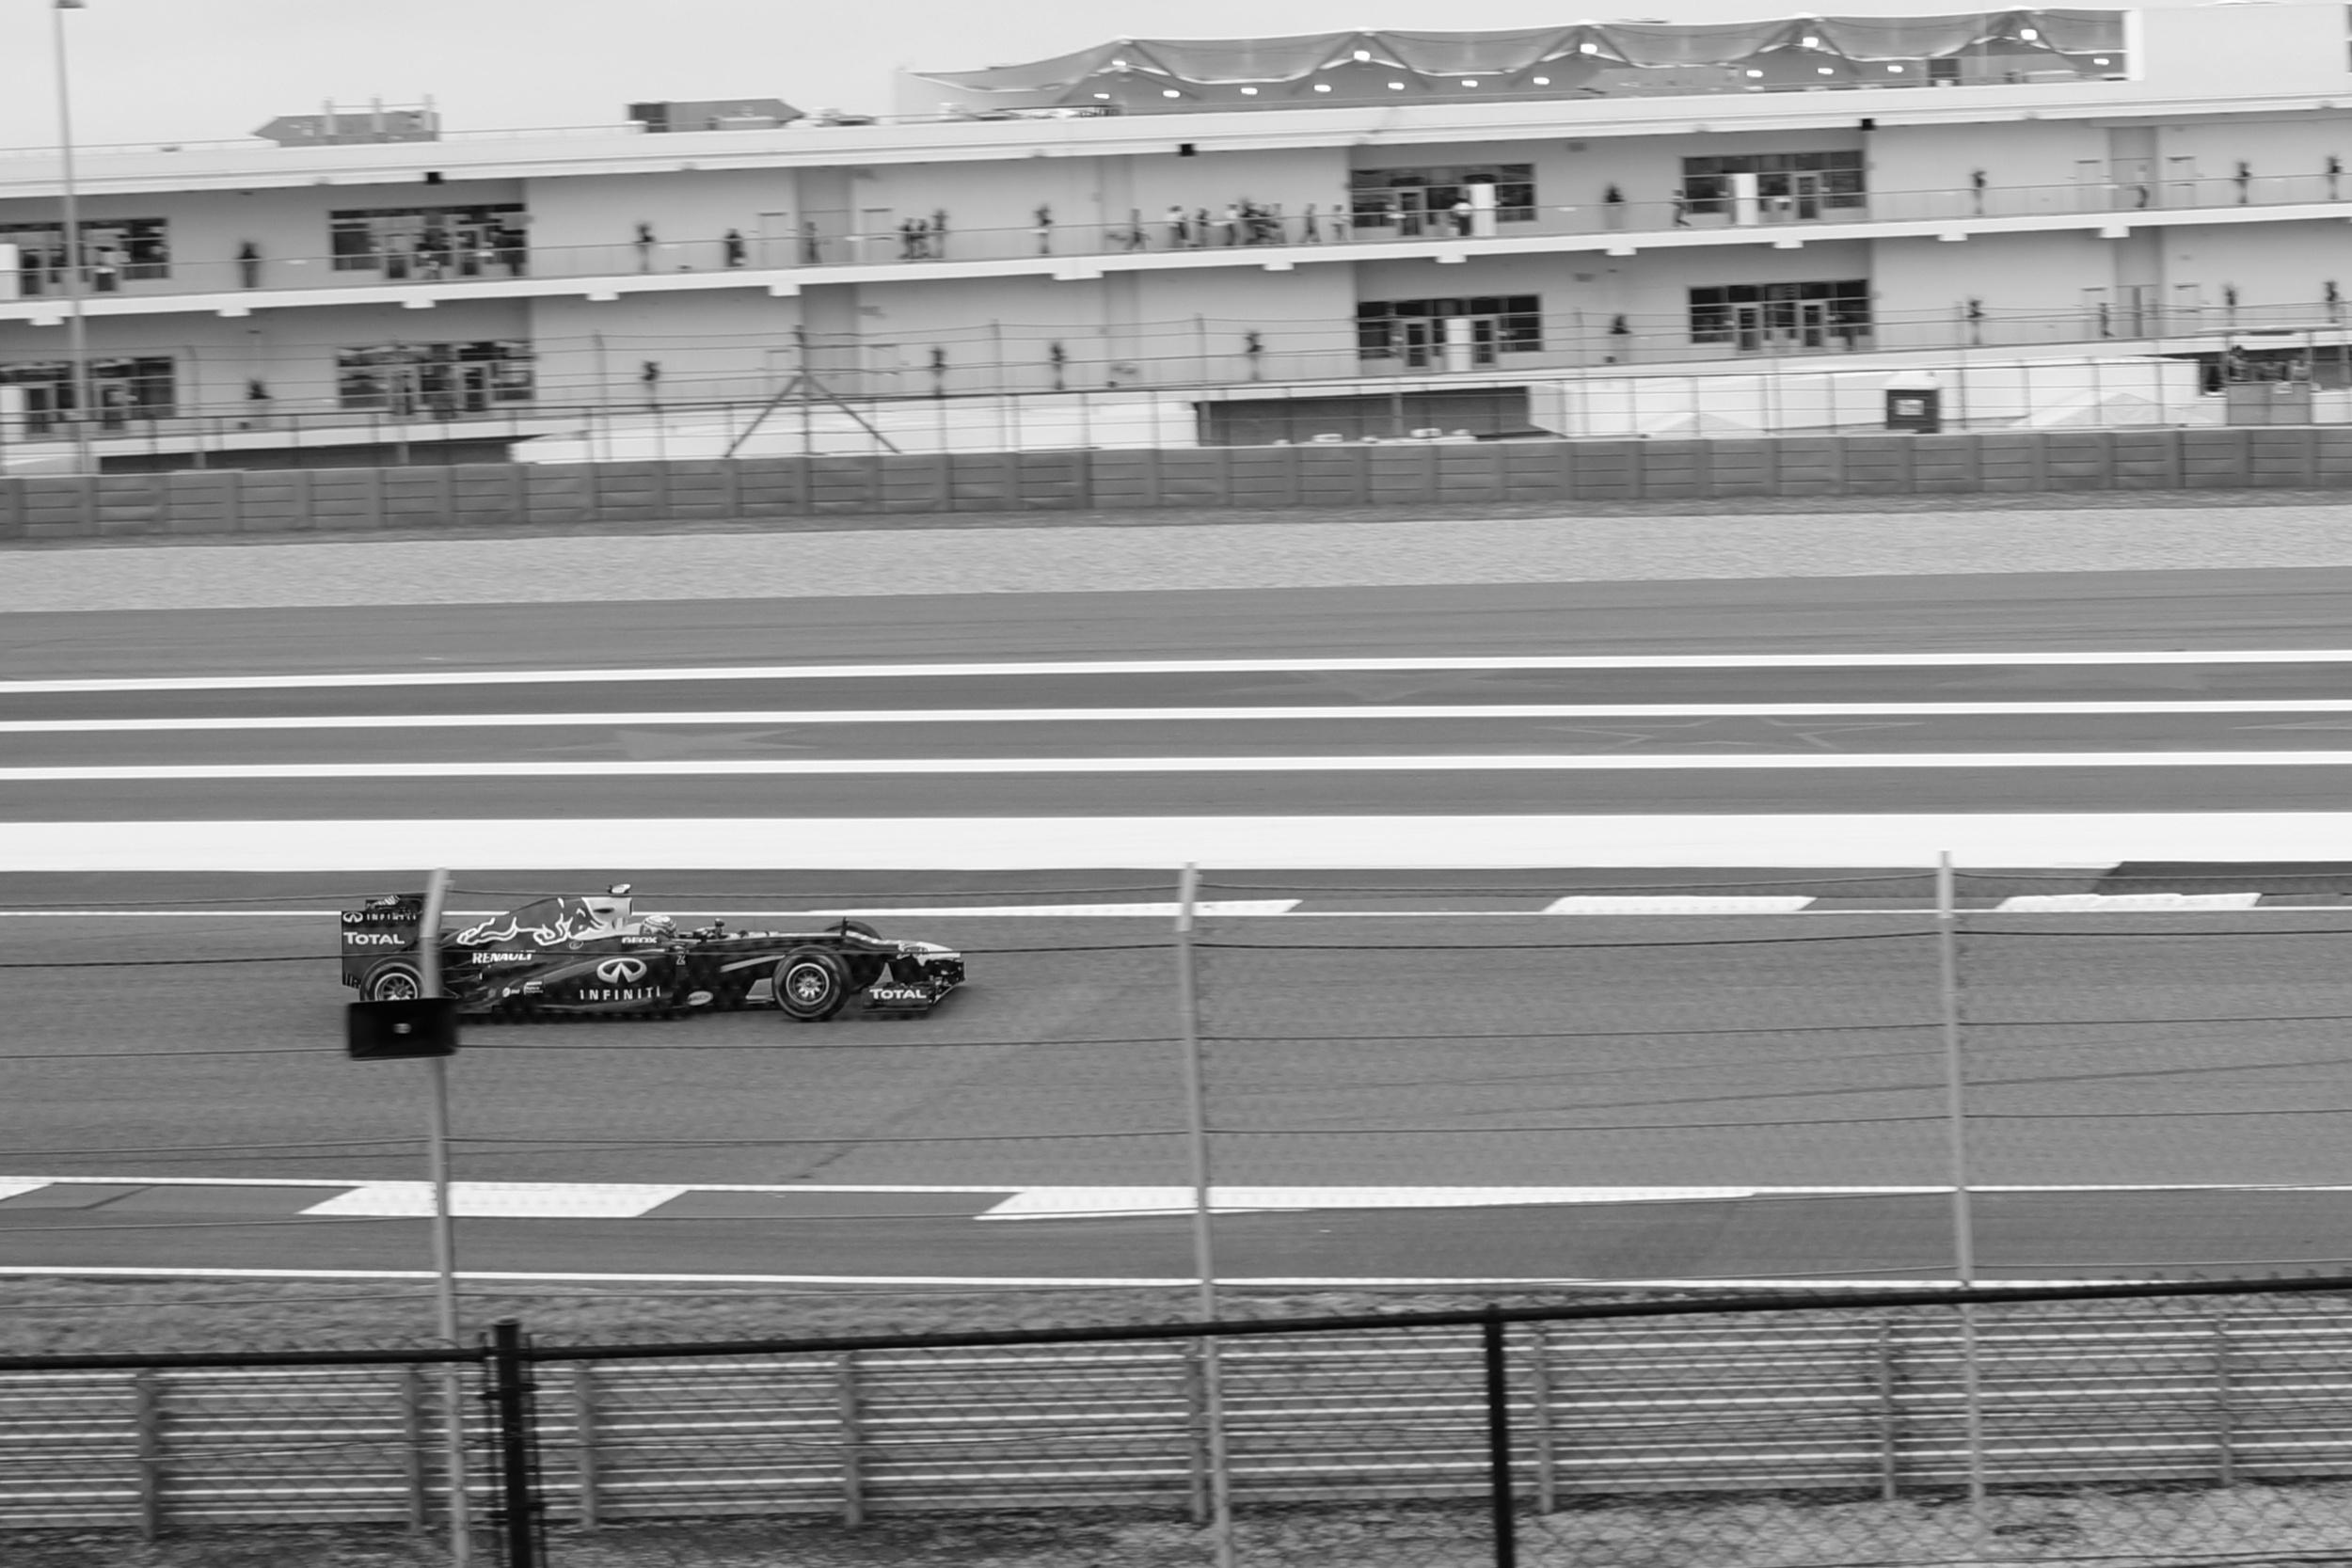 Sebastian Vettel heading towards turn 20